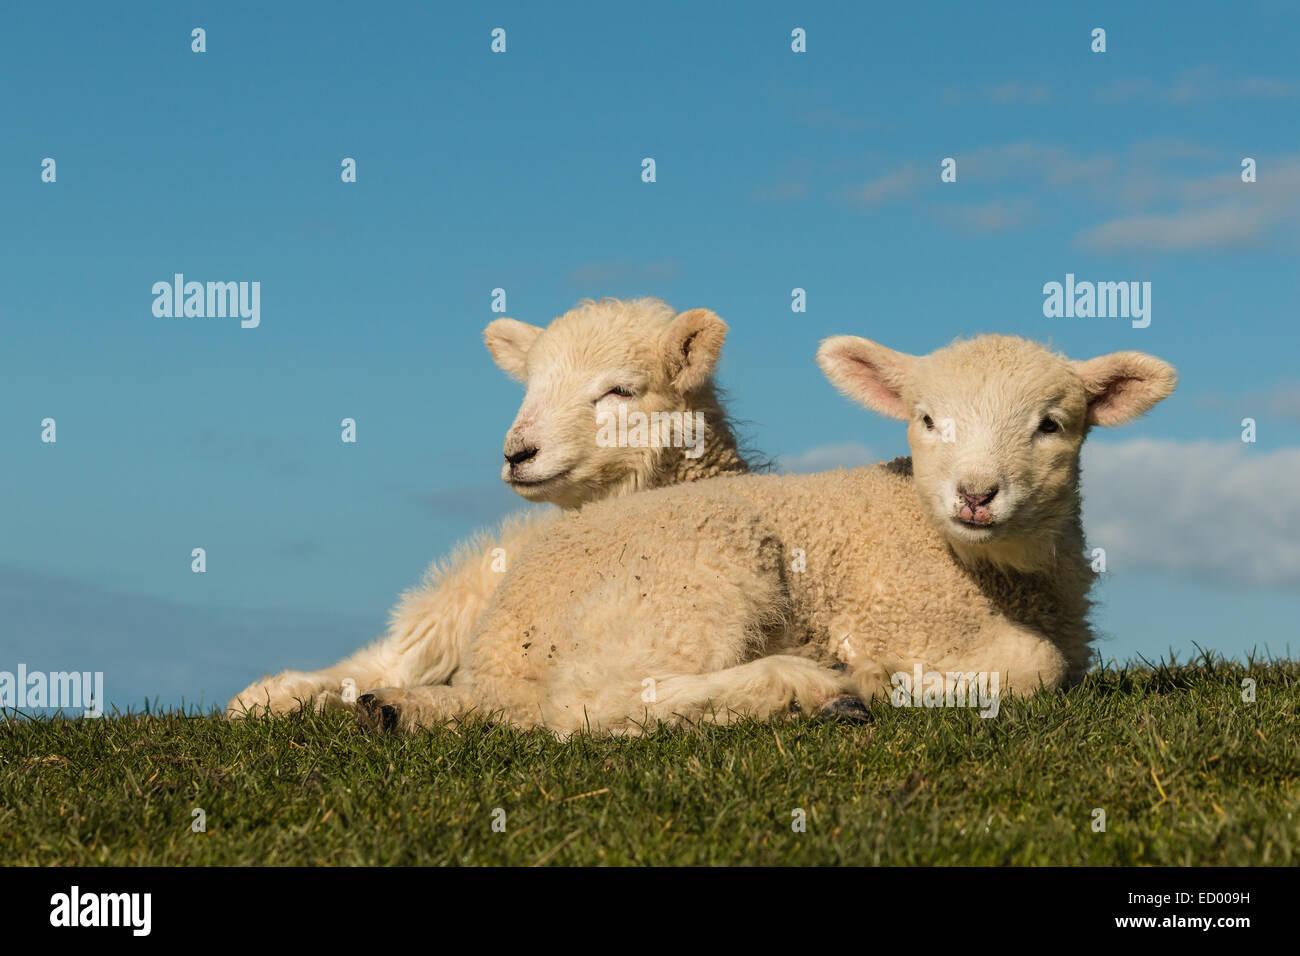 two basking lambs - Stock Image